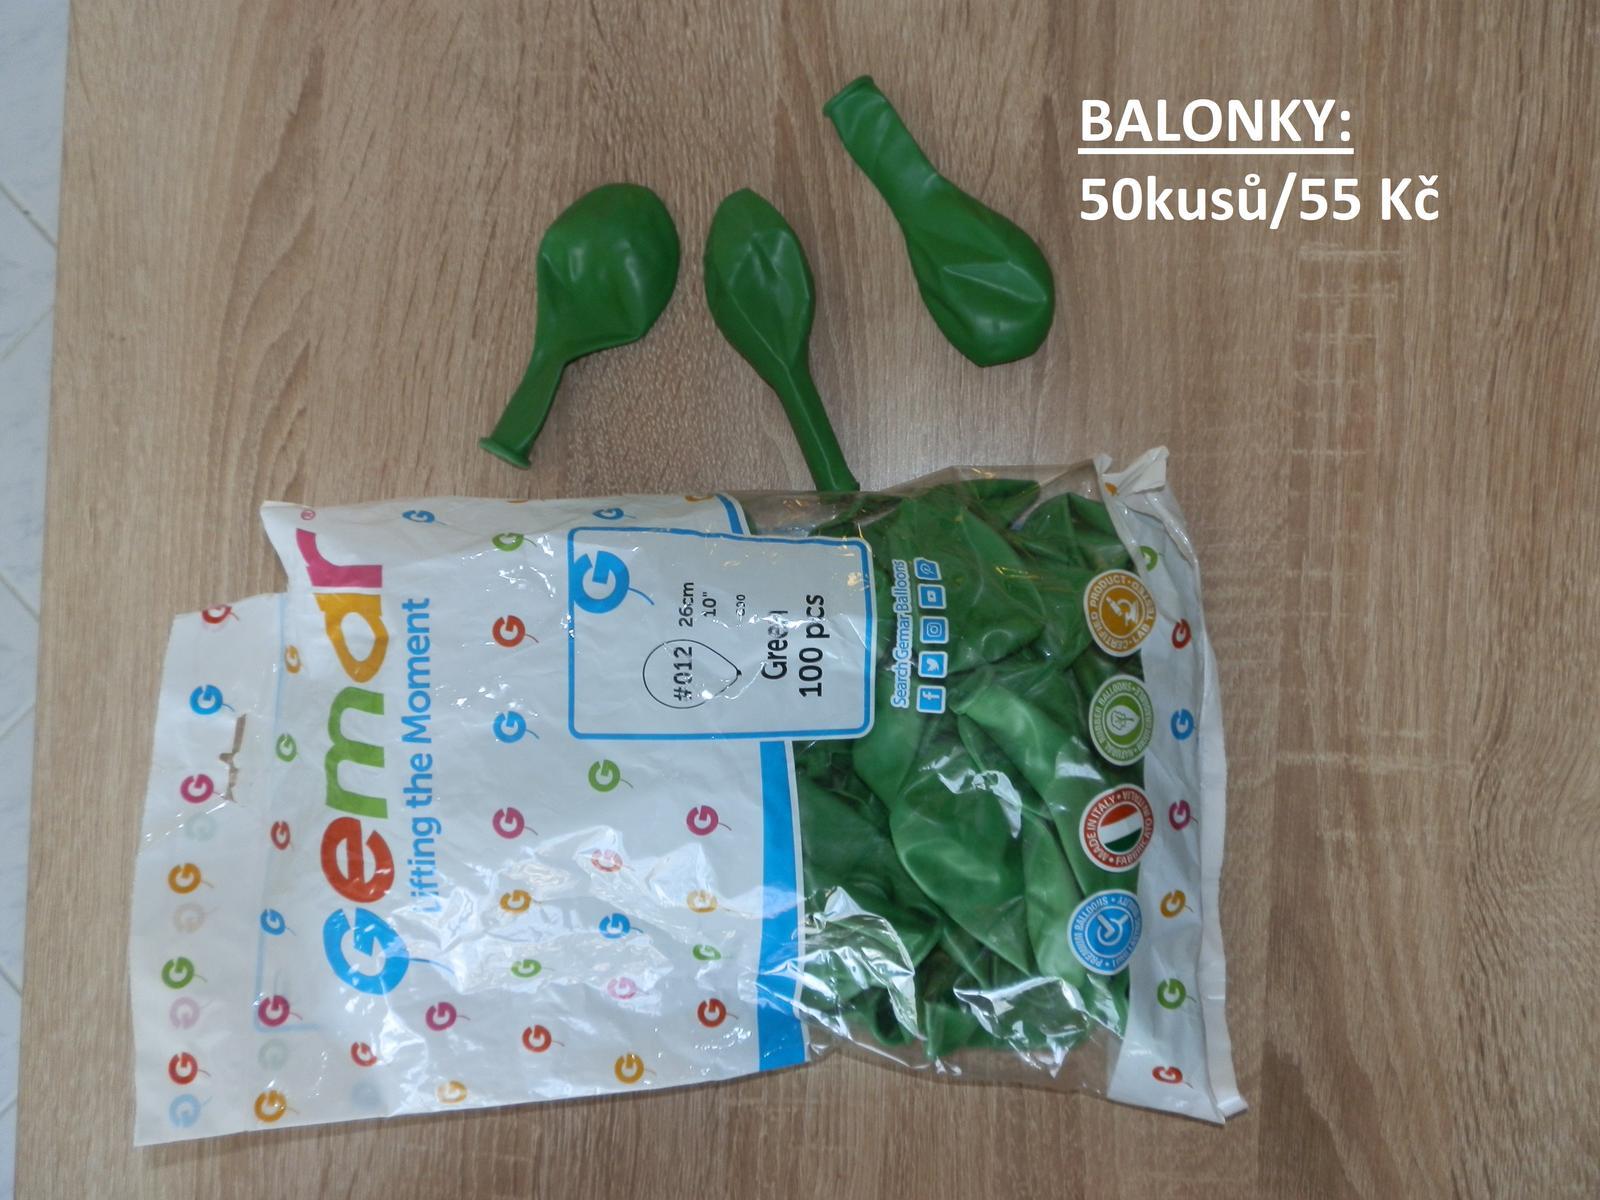 Zelené nafukovací balonky - Obrázek č. 1